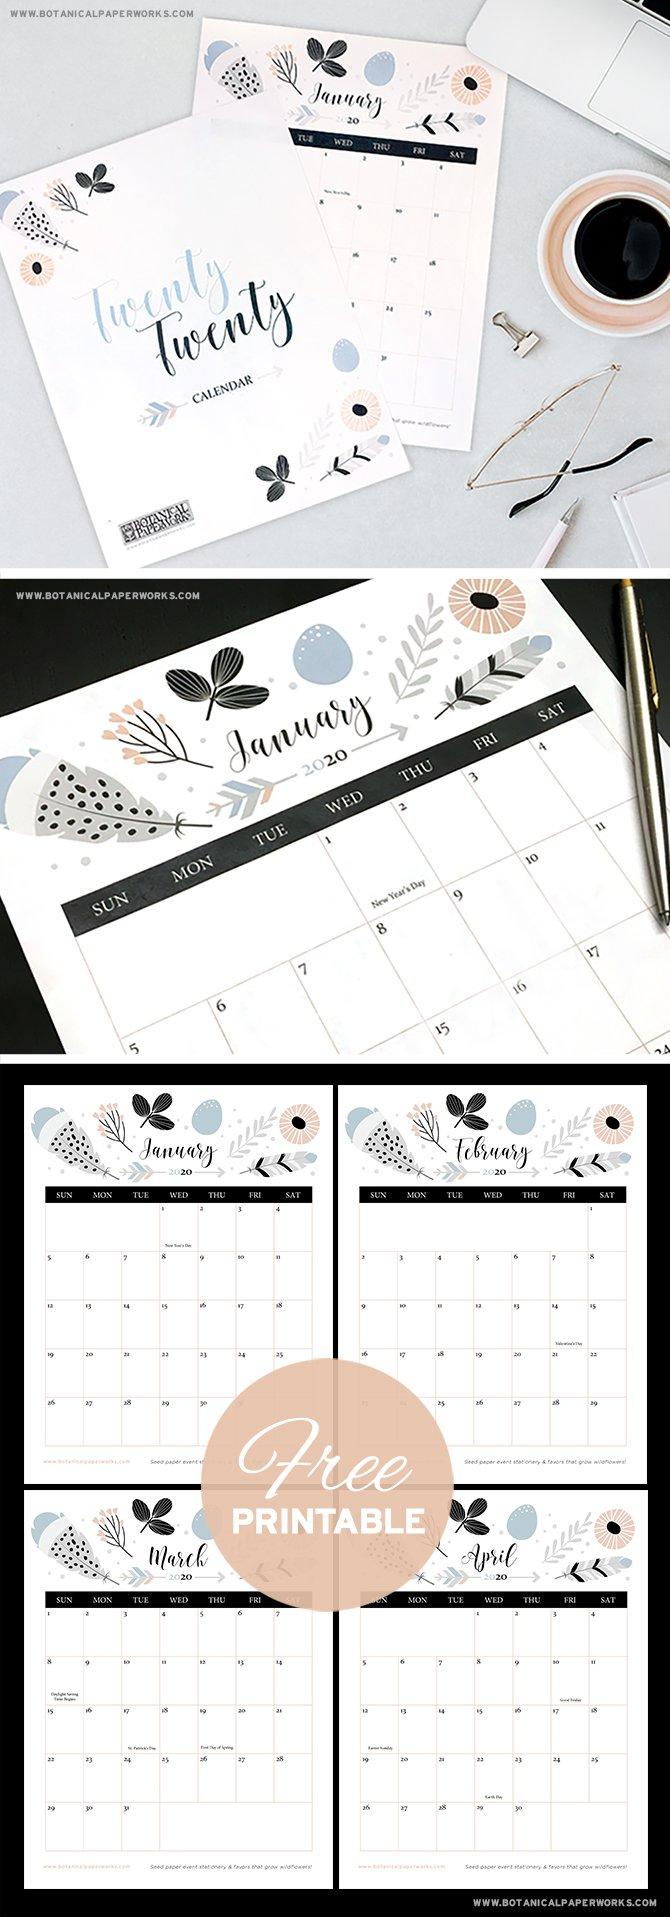 Free Printable Calendar 2020 Boho Chic